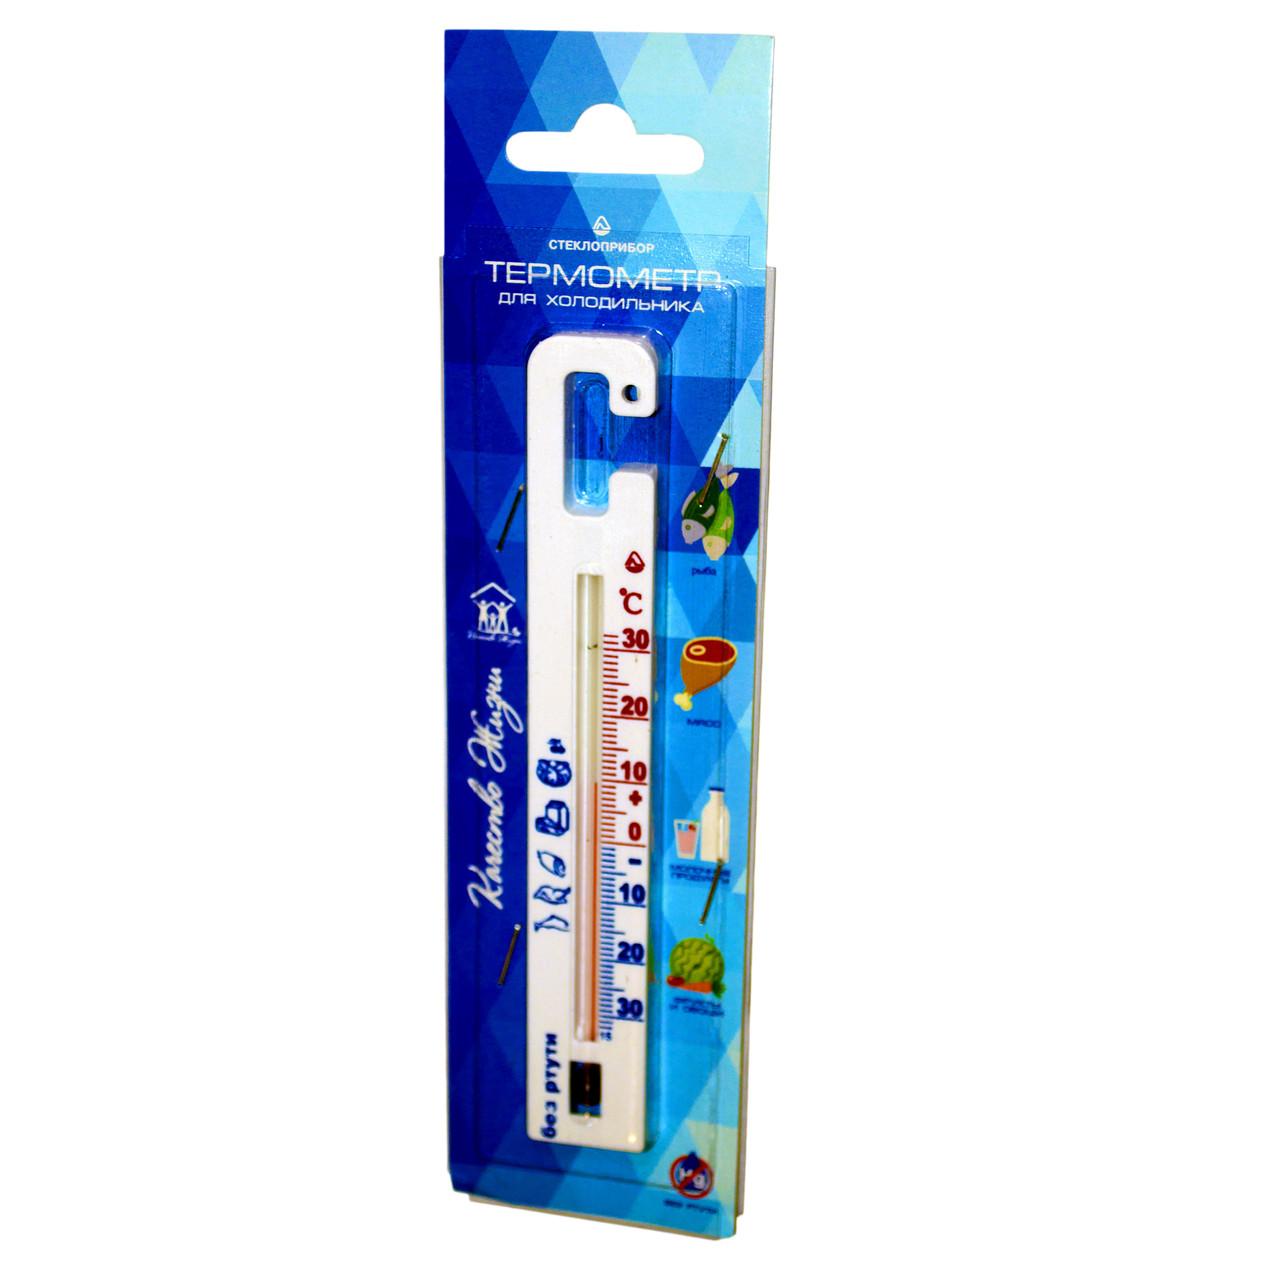 Термометр ТБ-М1 исп 18 ( для холодильника ) АО Стеклоприбор